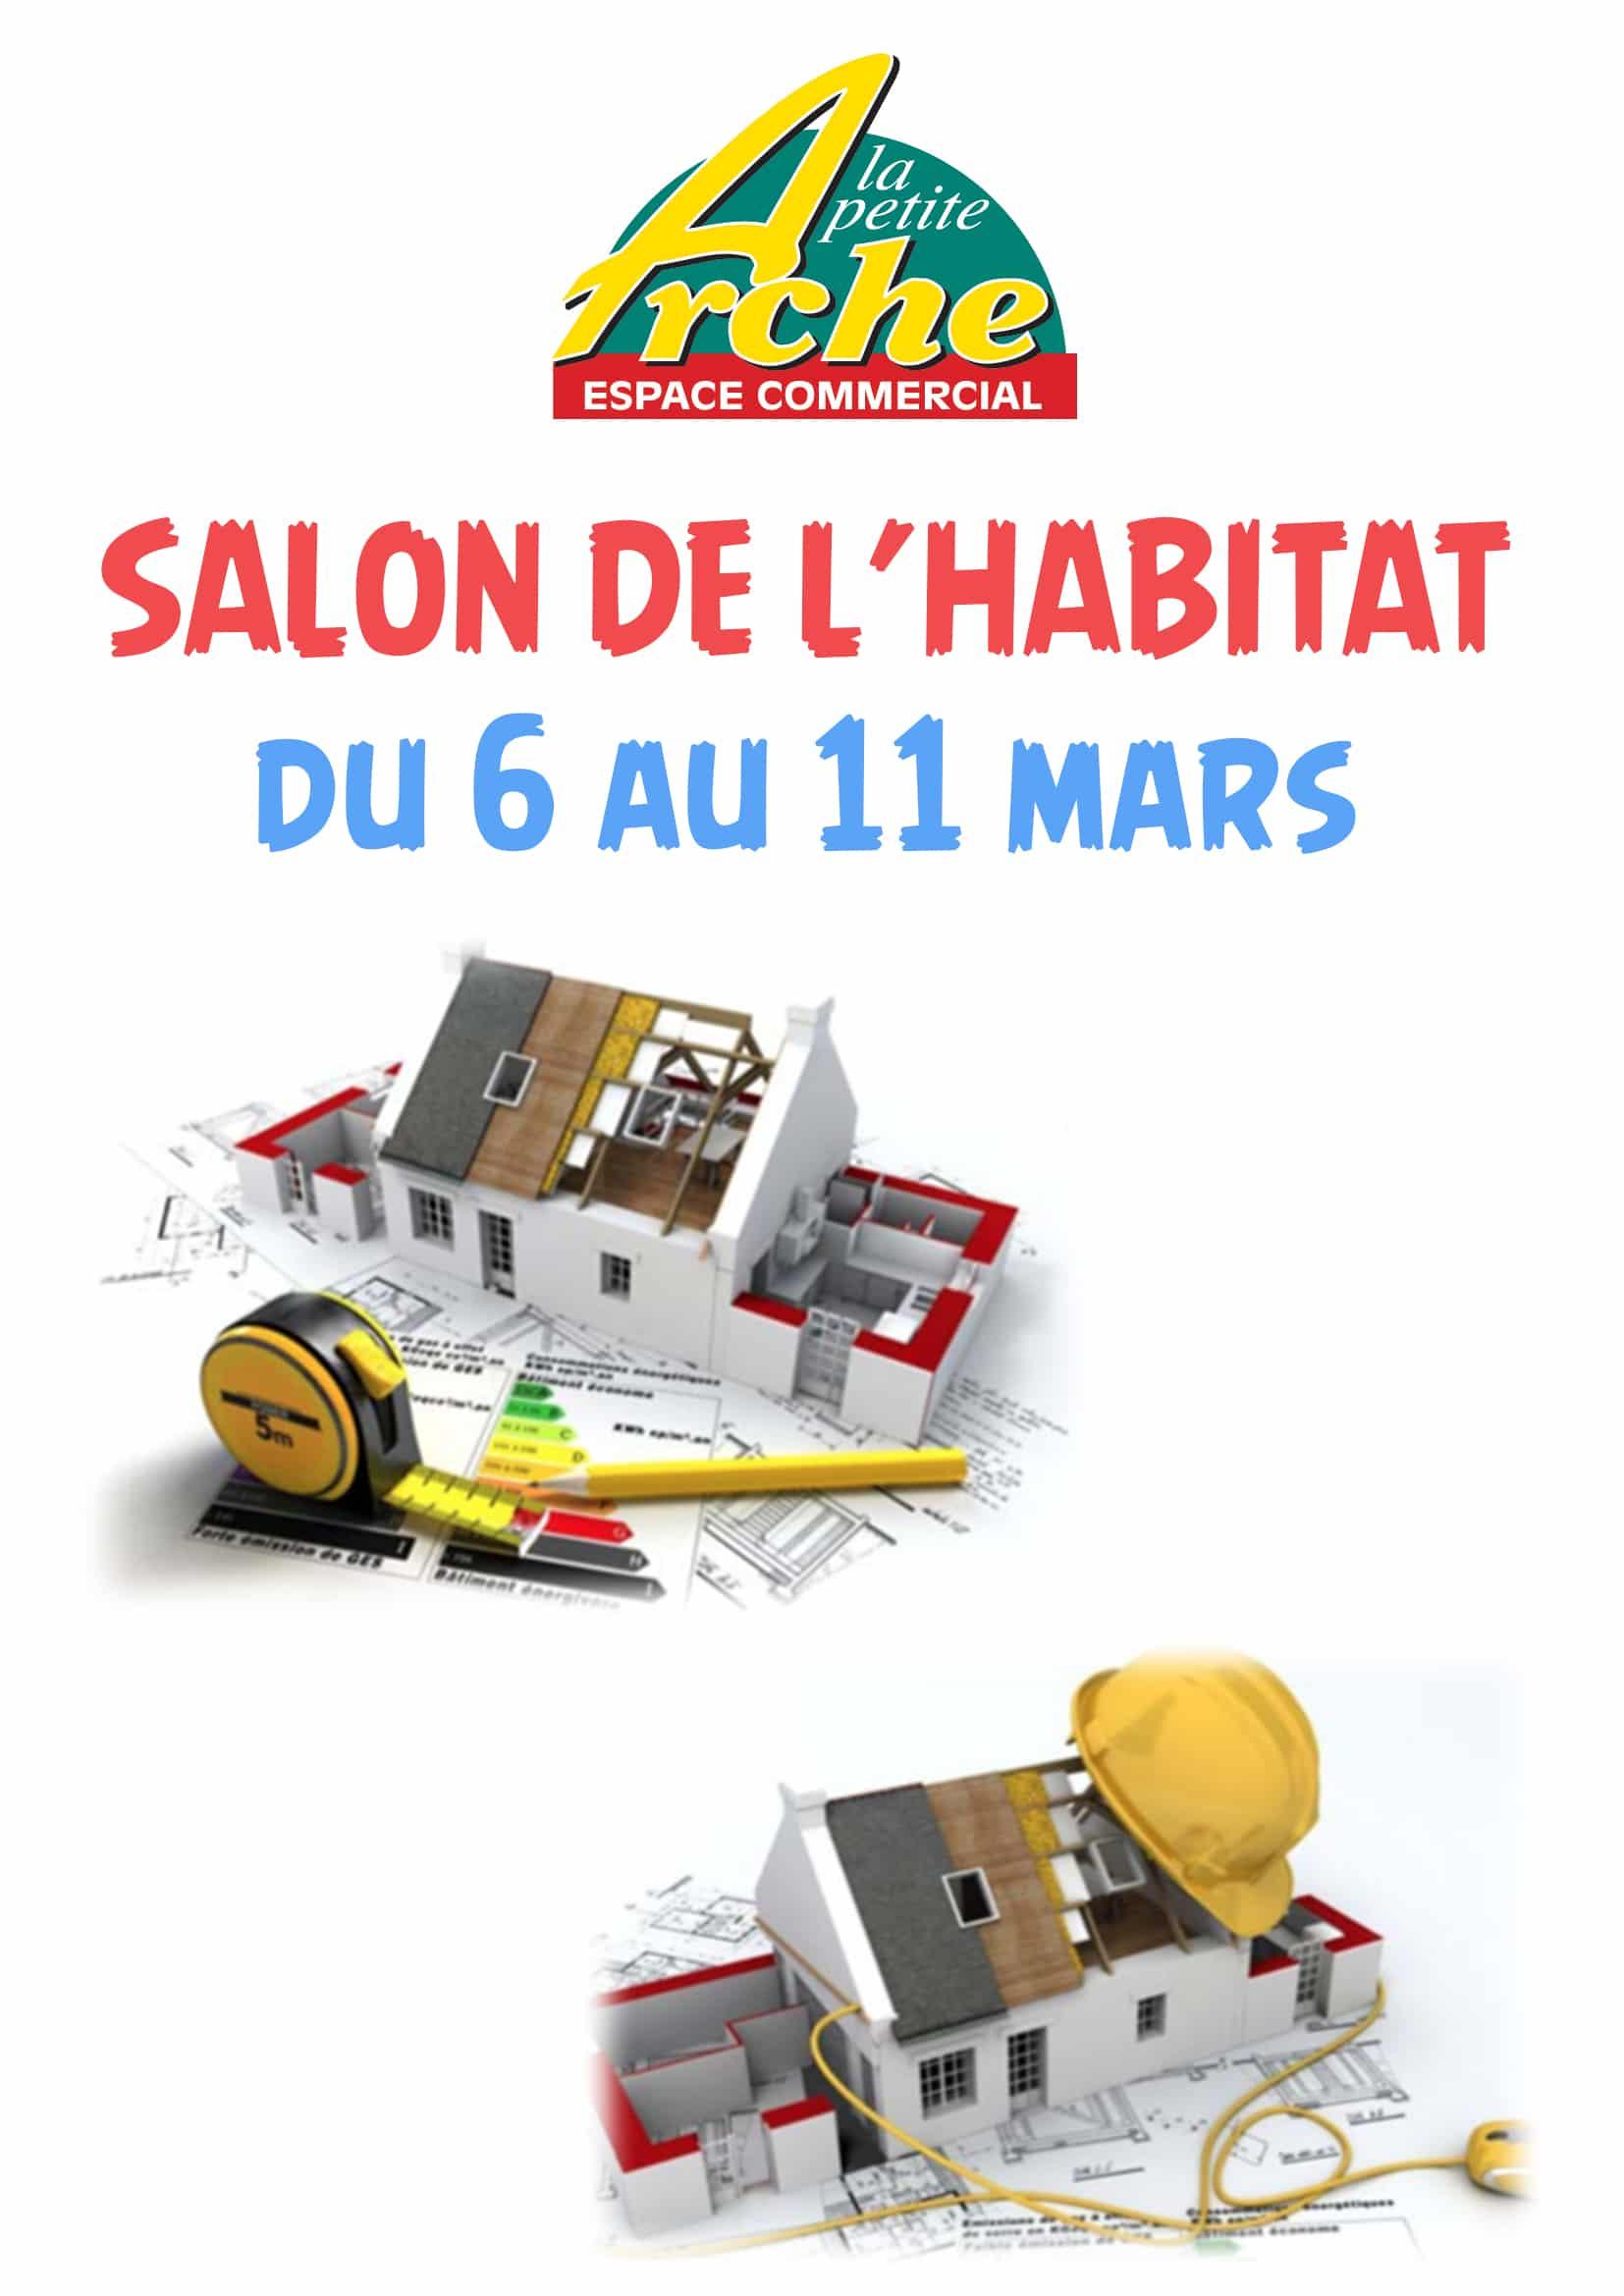 06 au 11 mars 2017 salon de l immobilier et de l habitat for Salon de l habitat 2017 paris